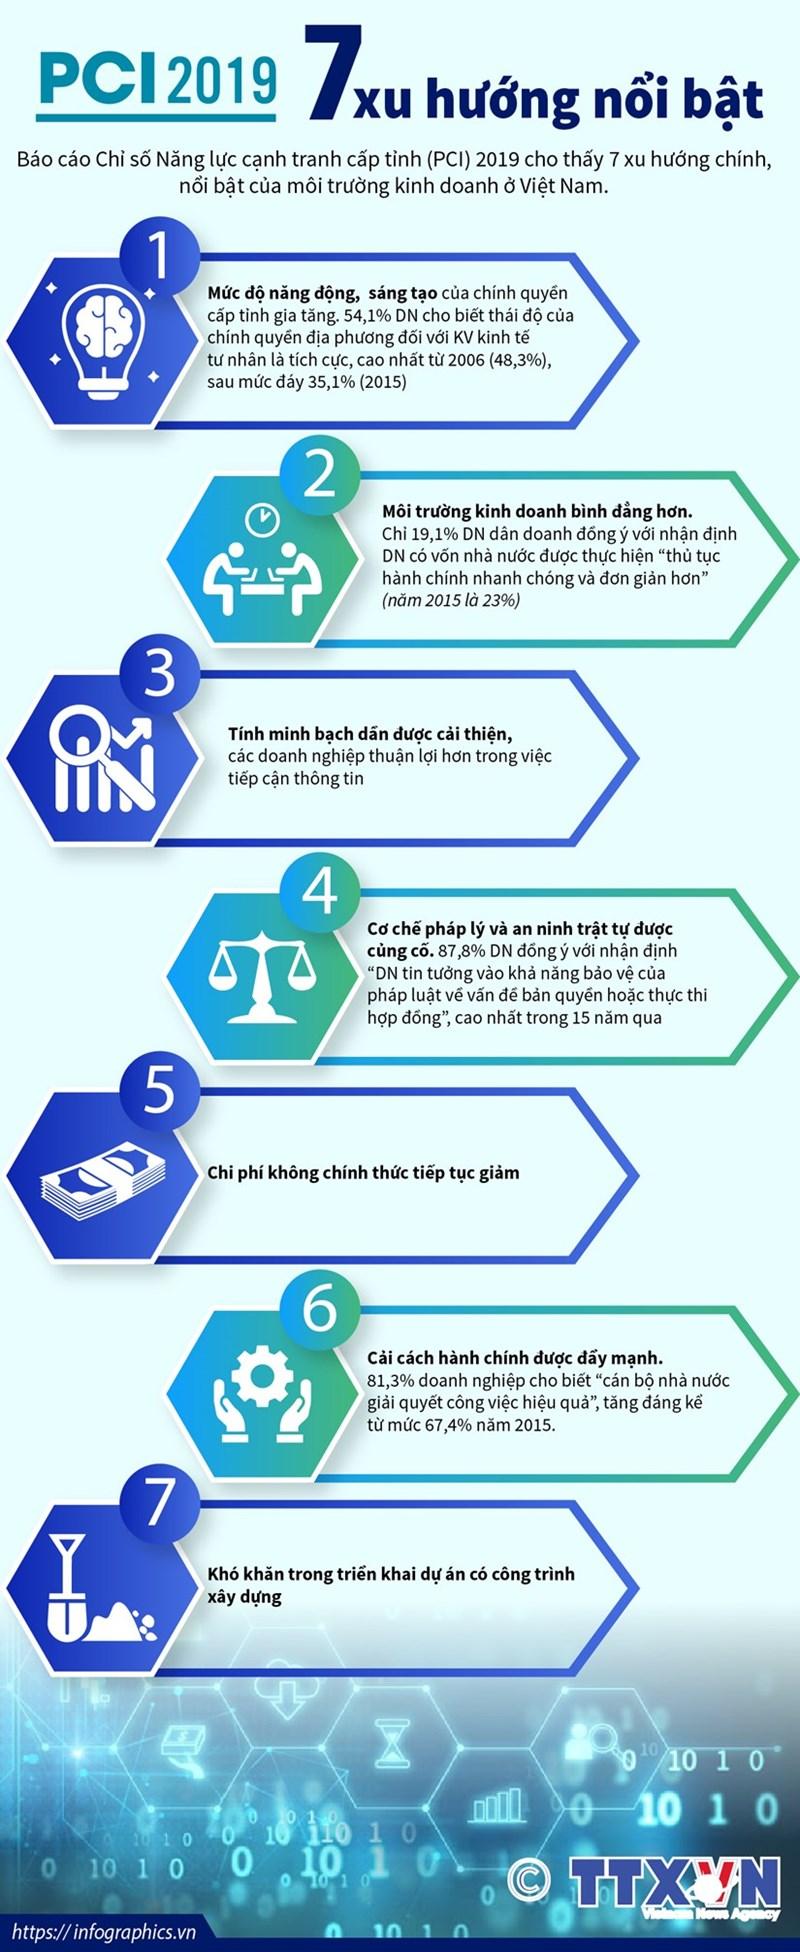 7 xu hướng nổi bật của môi trường kinh doanh ở Việt Nam